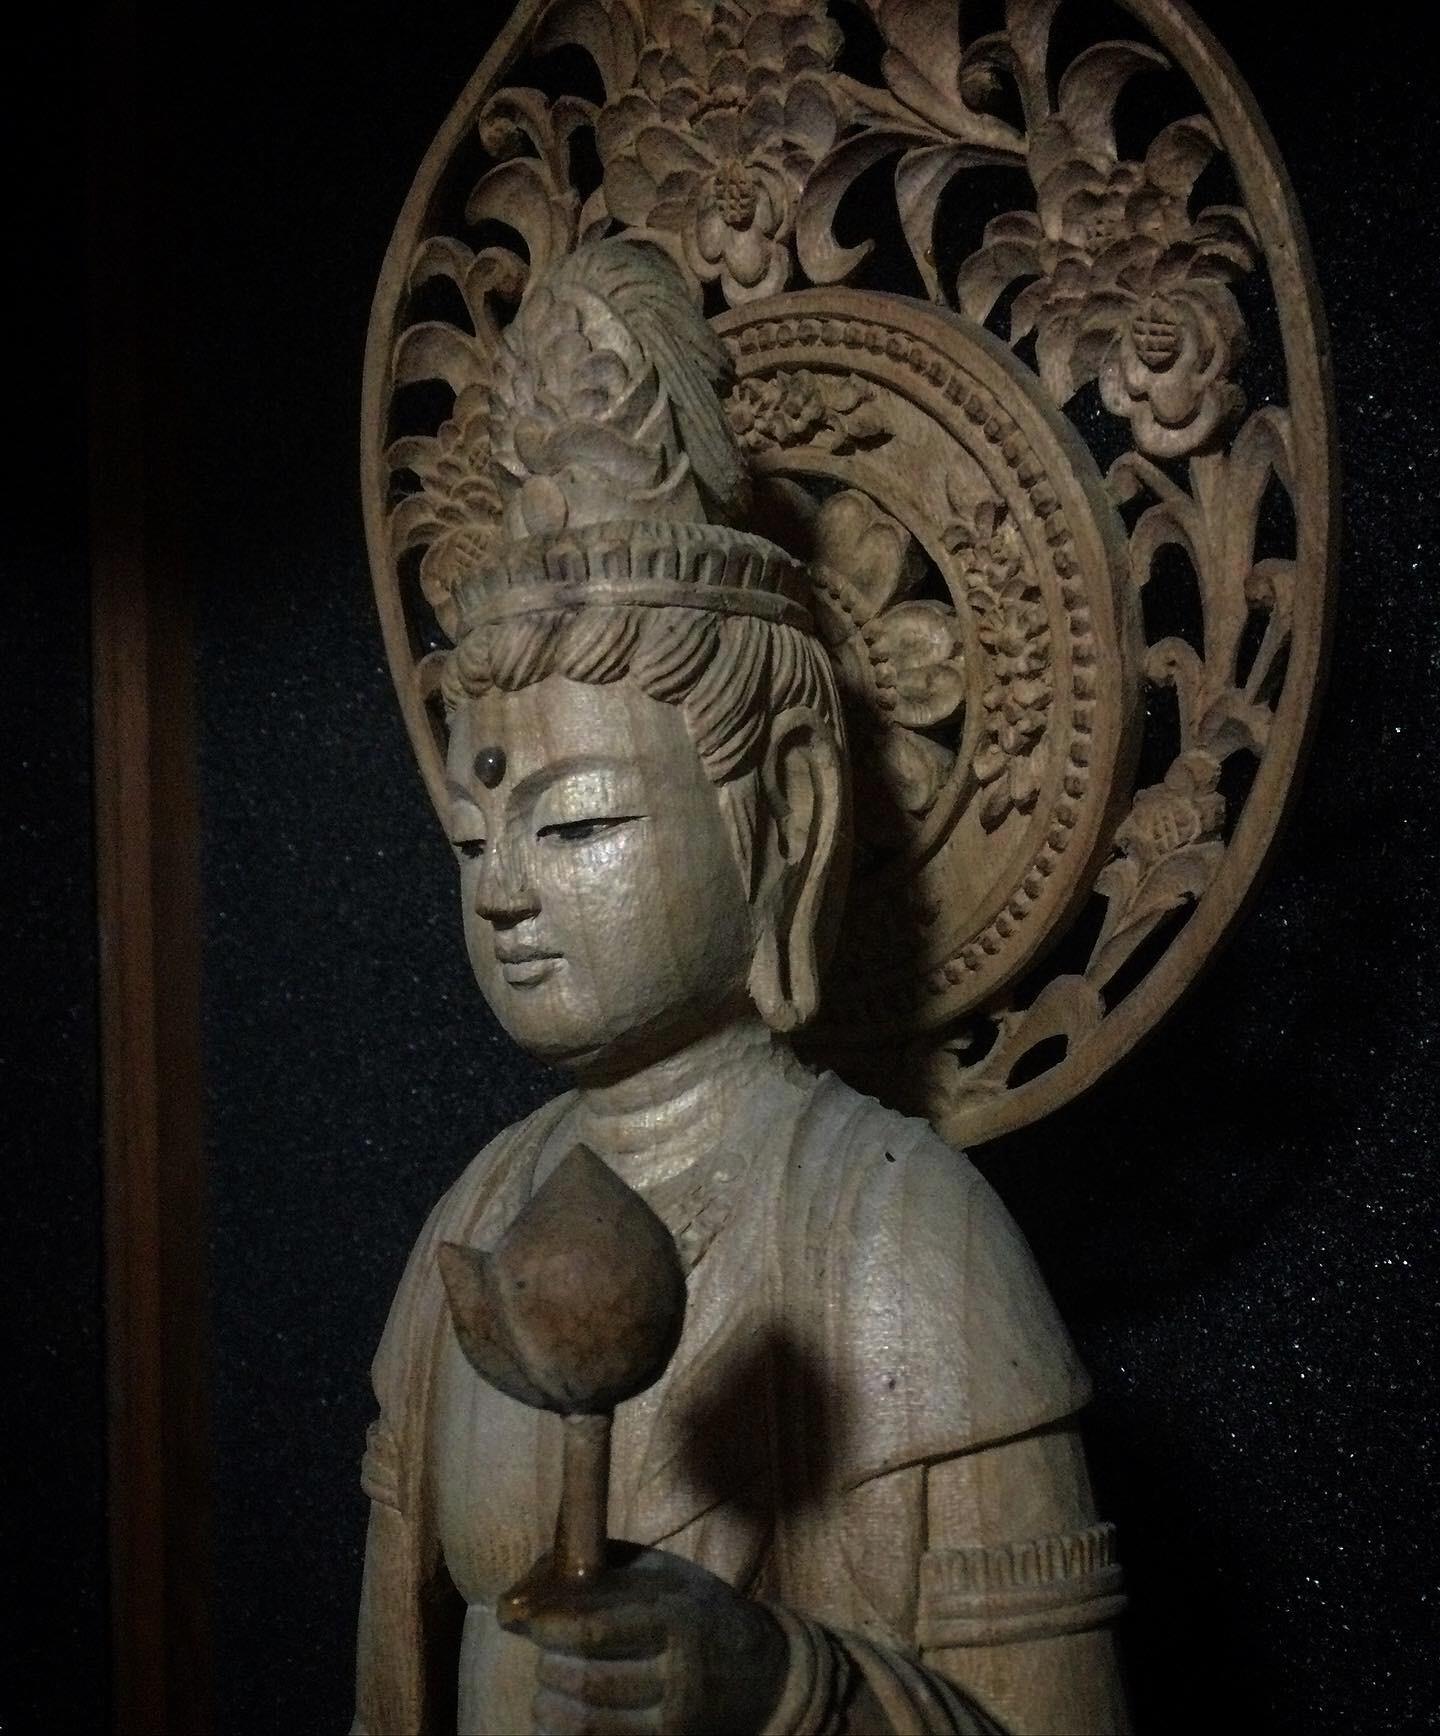 若き頃の聖観音立像菩薩制作を訪ねる旅にて_f0389753_16205362.jpeg